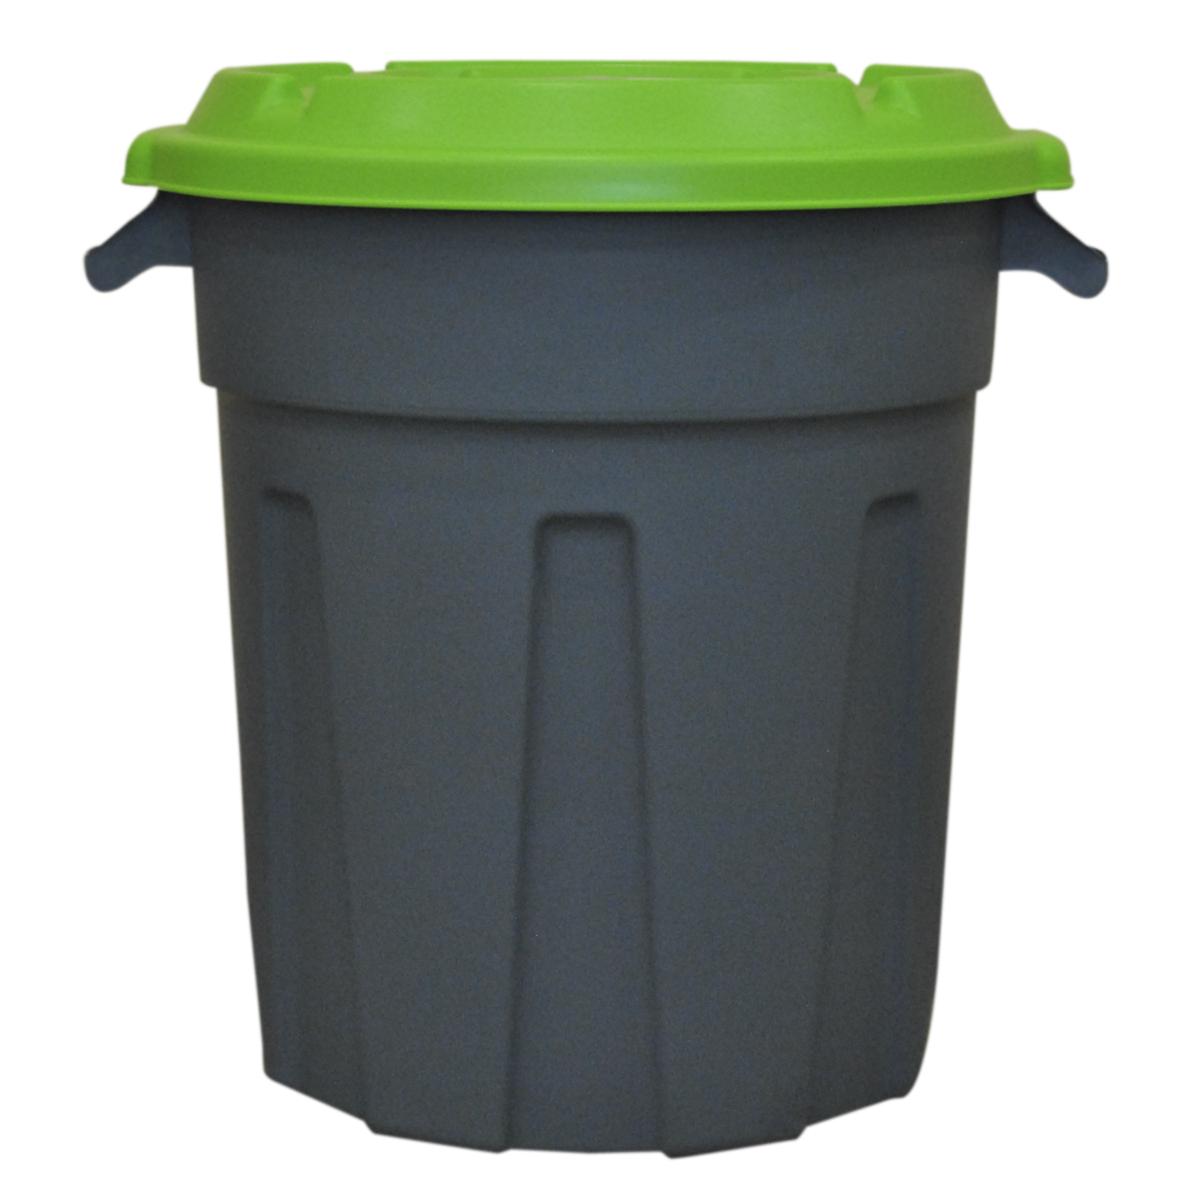 Мусорный бак InGreen, с крышкой, 60 лING6160Пластиковый мусорный бак InGreen предназначен для применения в быту. Изготовлен из материала, обеспечивающего изделию повышенную прочность. Крышка бака обеспечивает плотное закрывание. На дне бака предусмотрена площадка для установки колес. Размер изделия: 54,3 х 48 х 54,5 см.